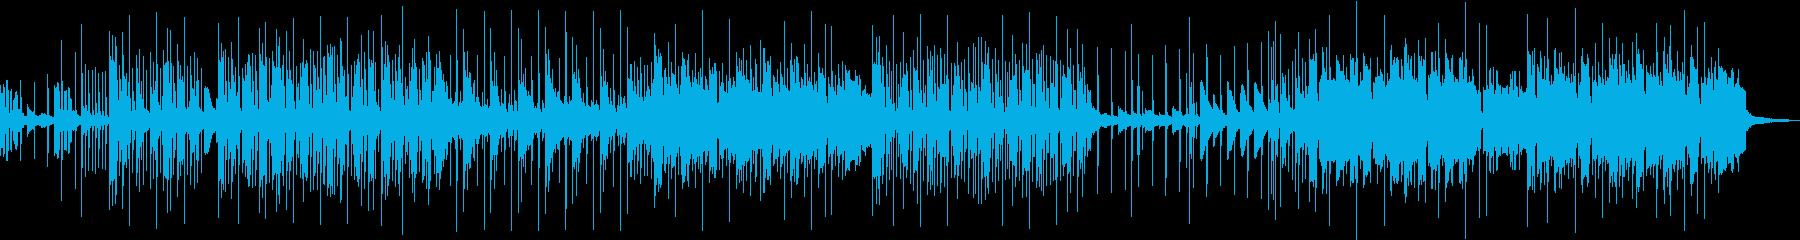 軽めのビートと涼しげなリフが特徴なEDMの再生済みの波形